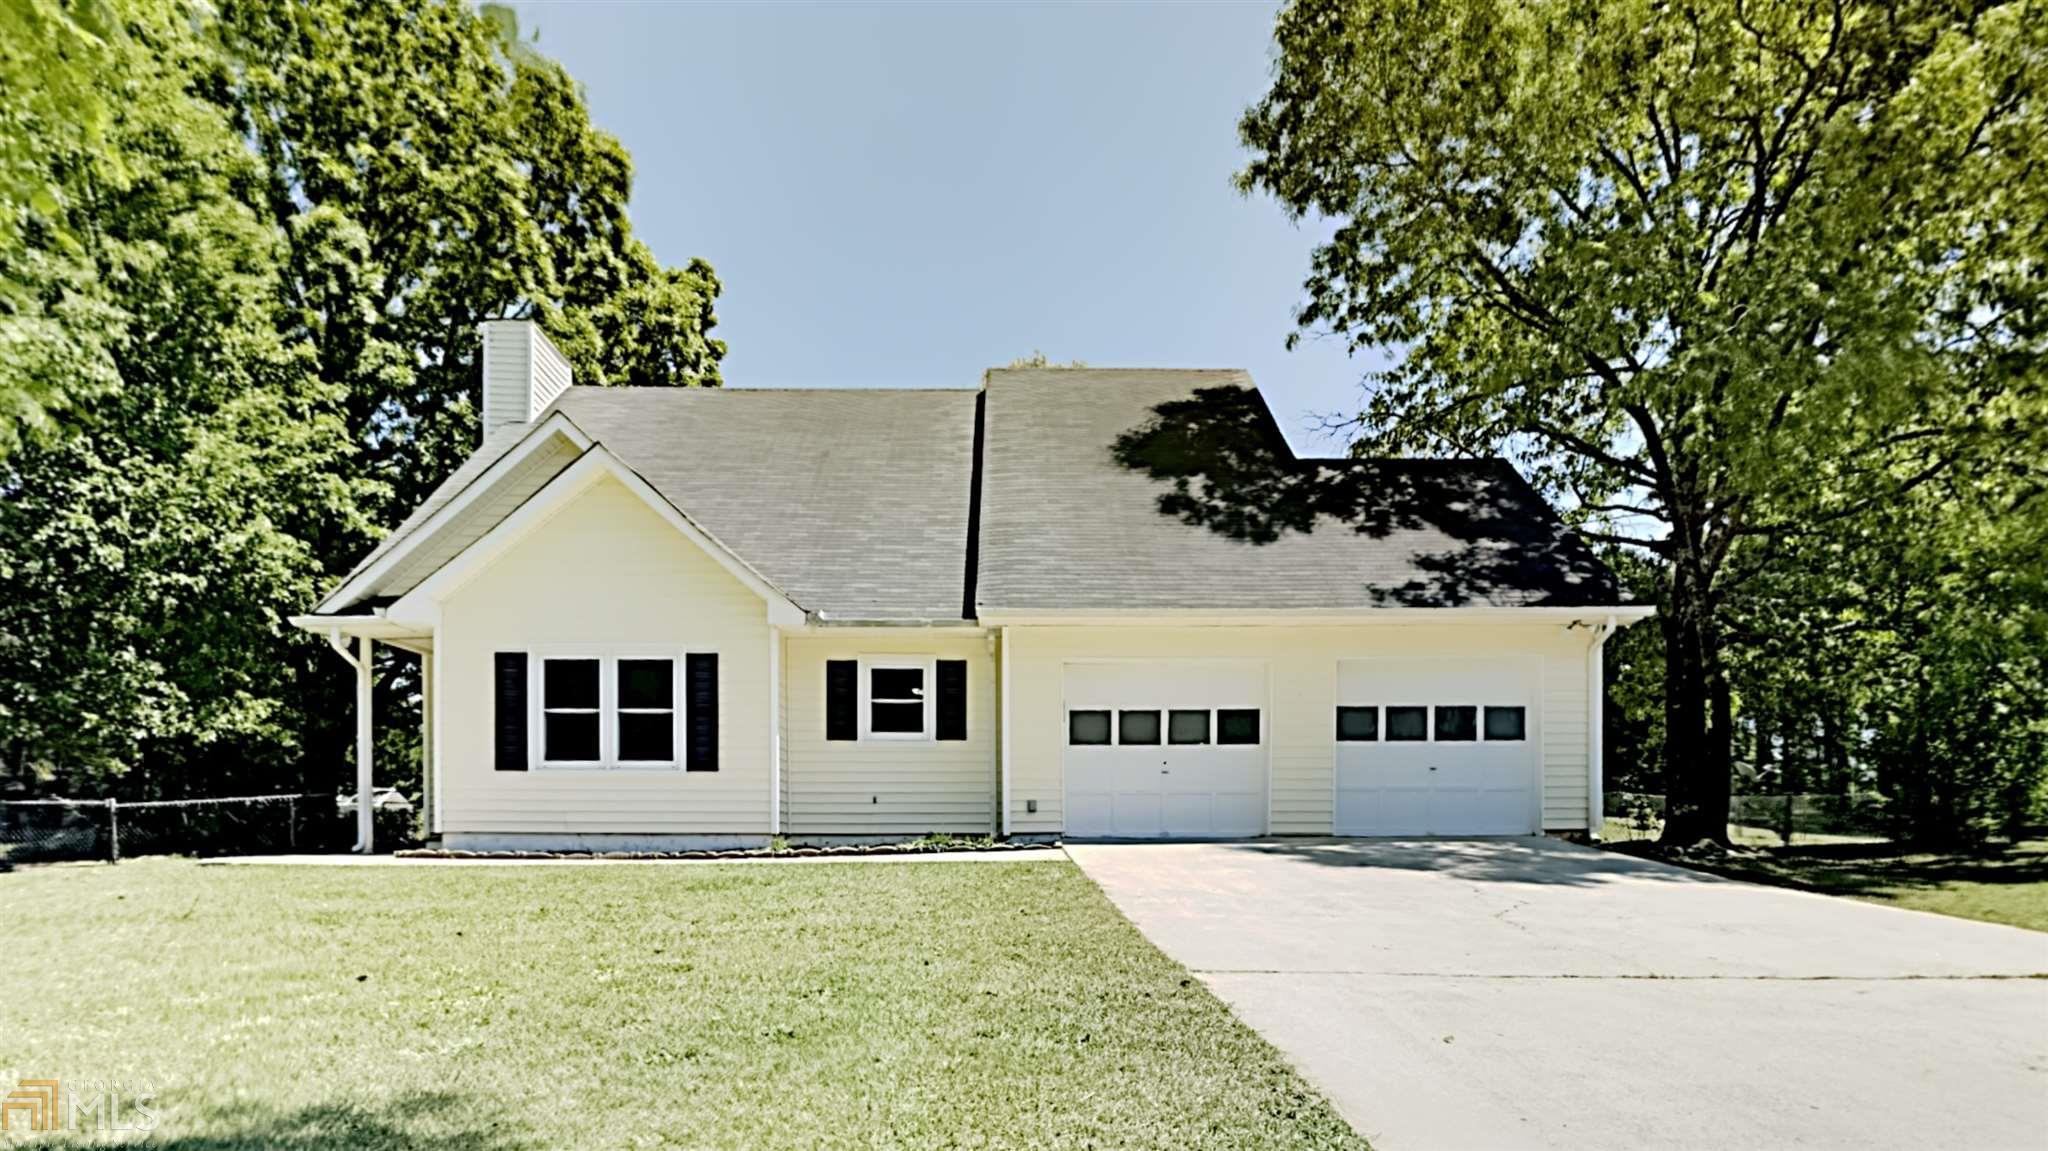 510 Southmoor Cir, Stockbridge, Georgia 30281, 3 Bedrooms Bedrooms, ,2 BathroomsBathrooms,Single Family,For Sale,510 Southmoor Cir,1,8967563